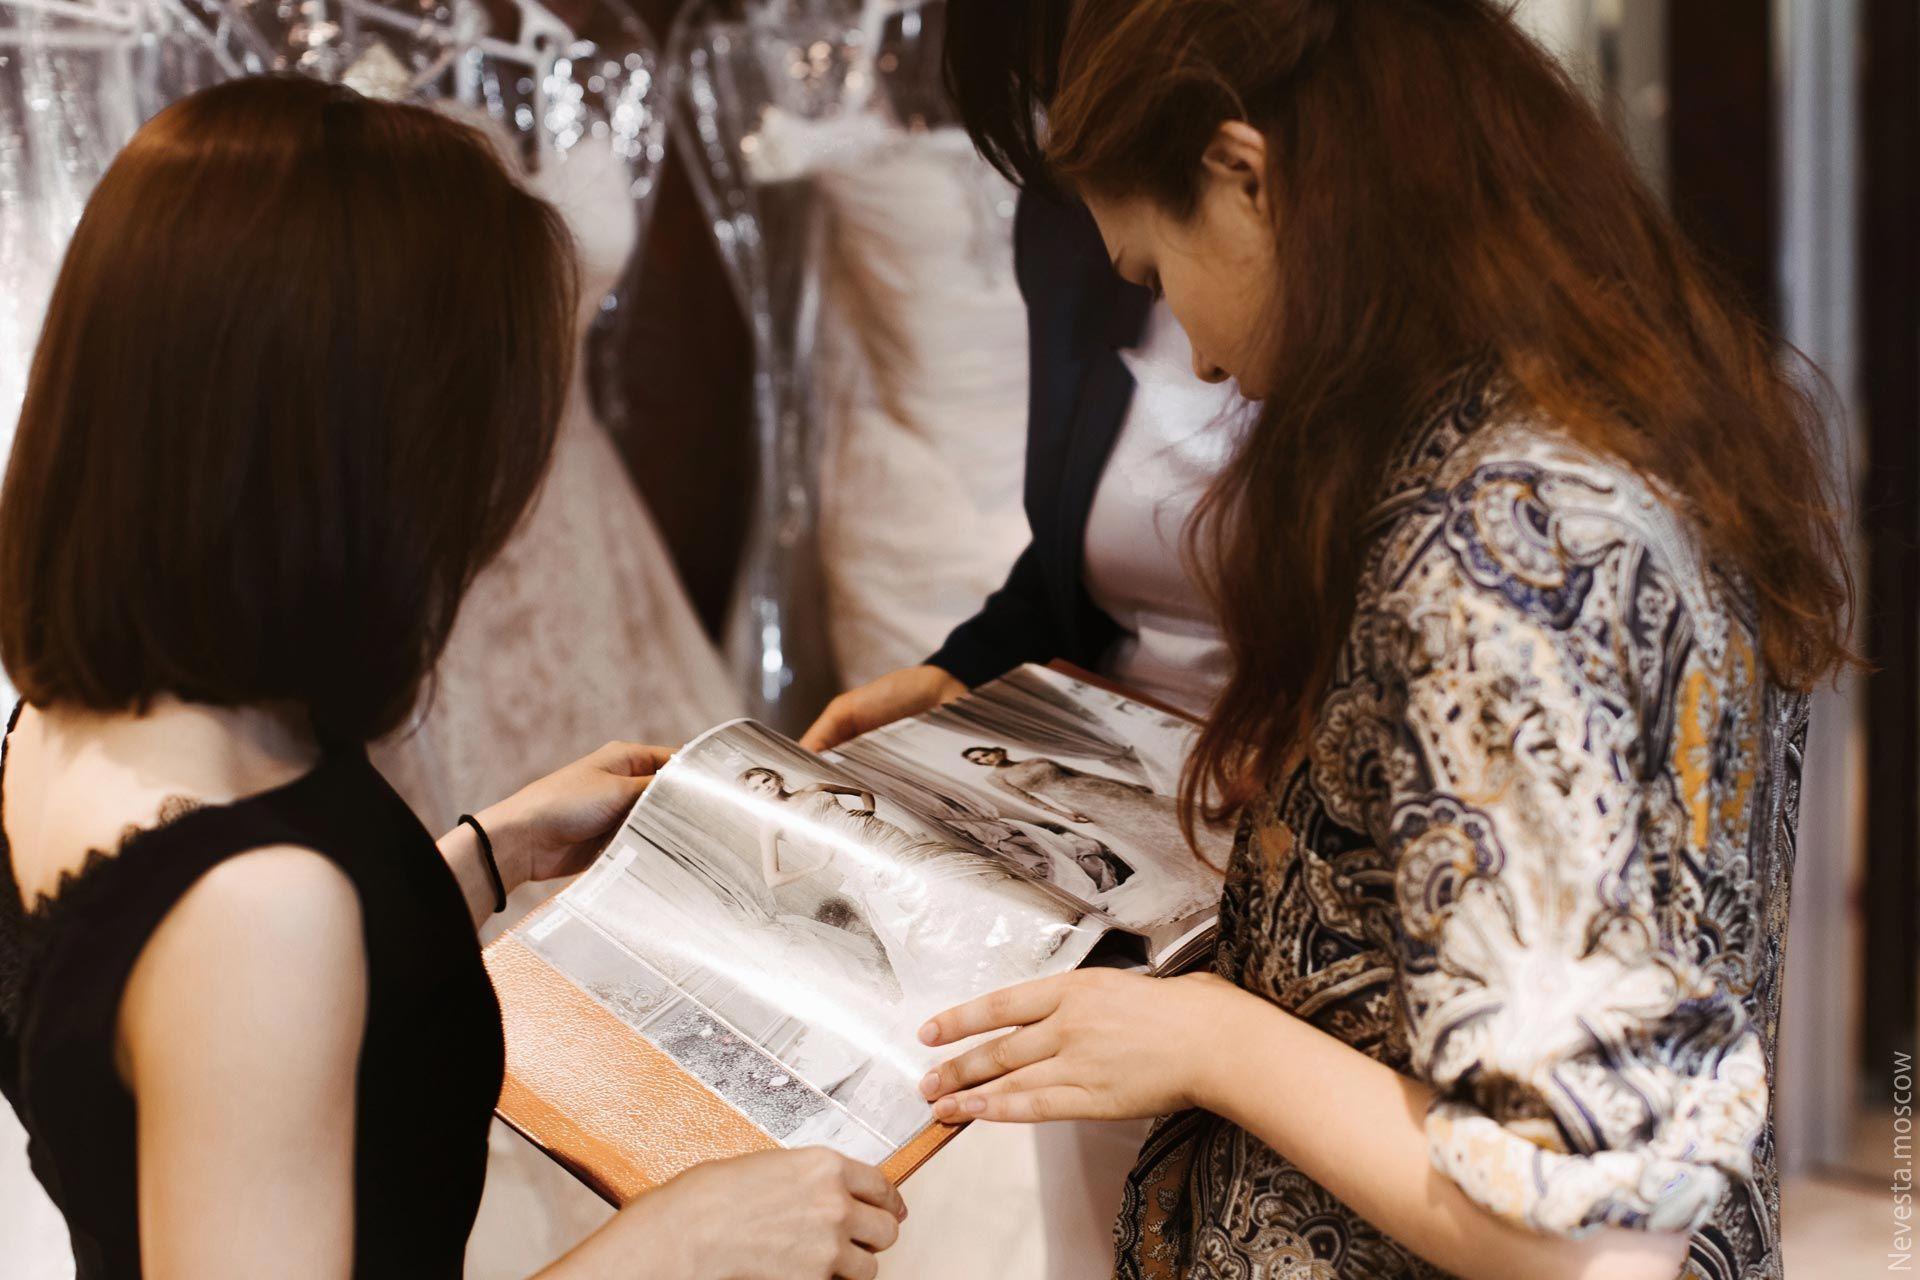 Рената Байкова примеряет свадебное платье фото 15